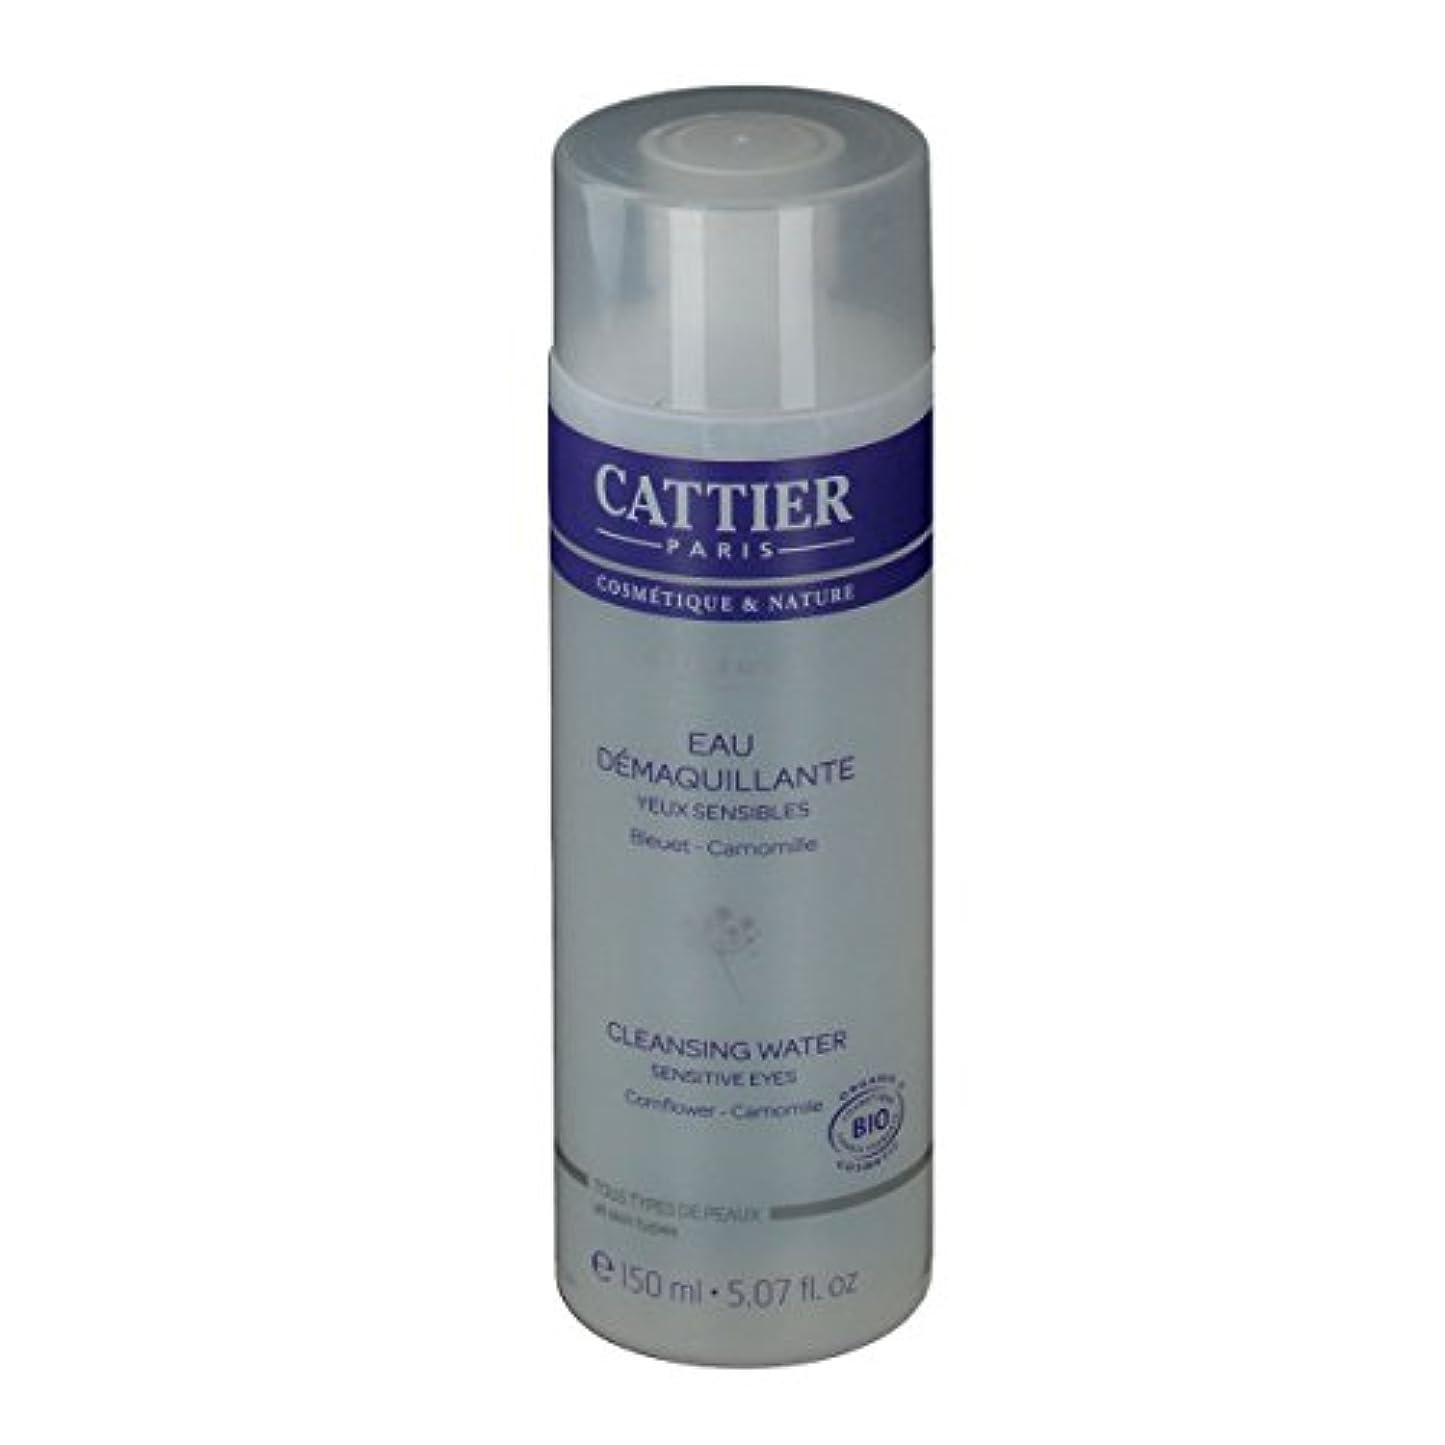 現代欺抑圧者Cattier Cleansing Water Eyes 150ml [並行輸入品]